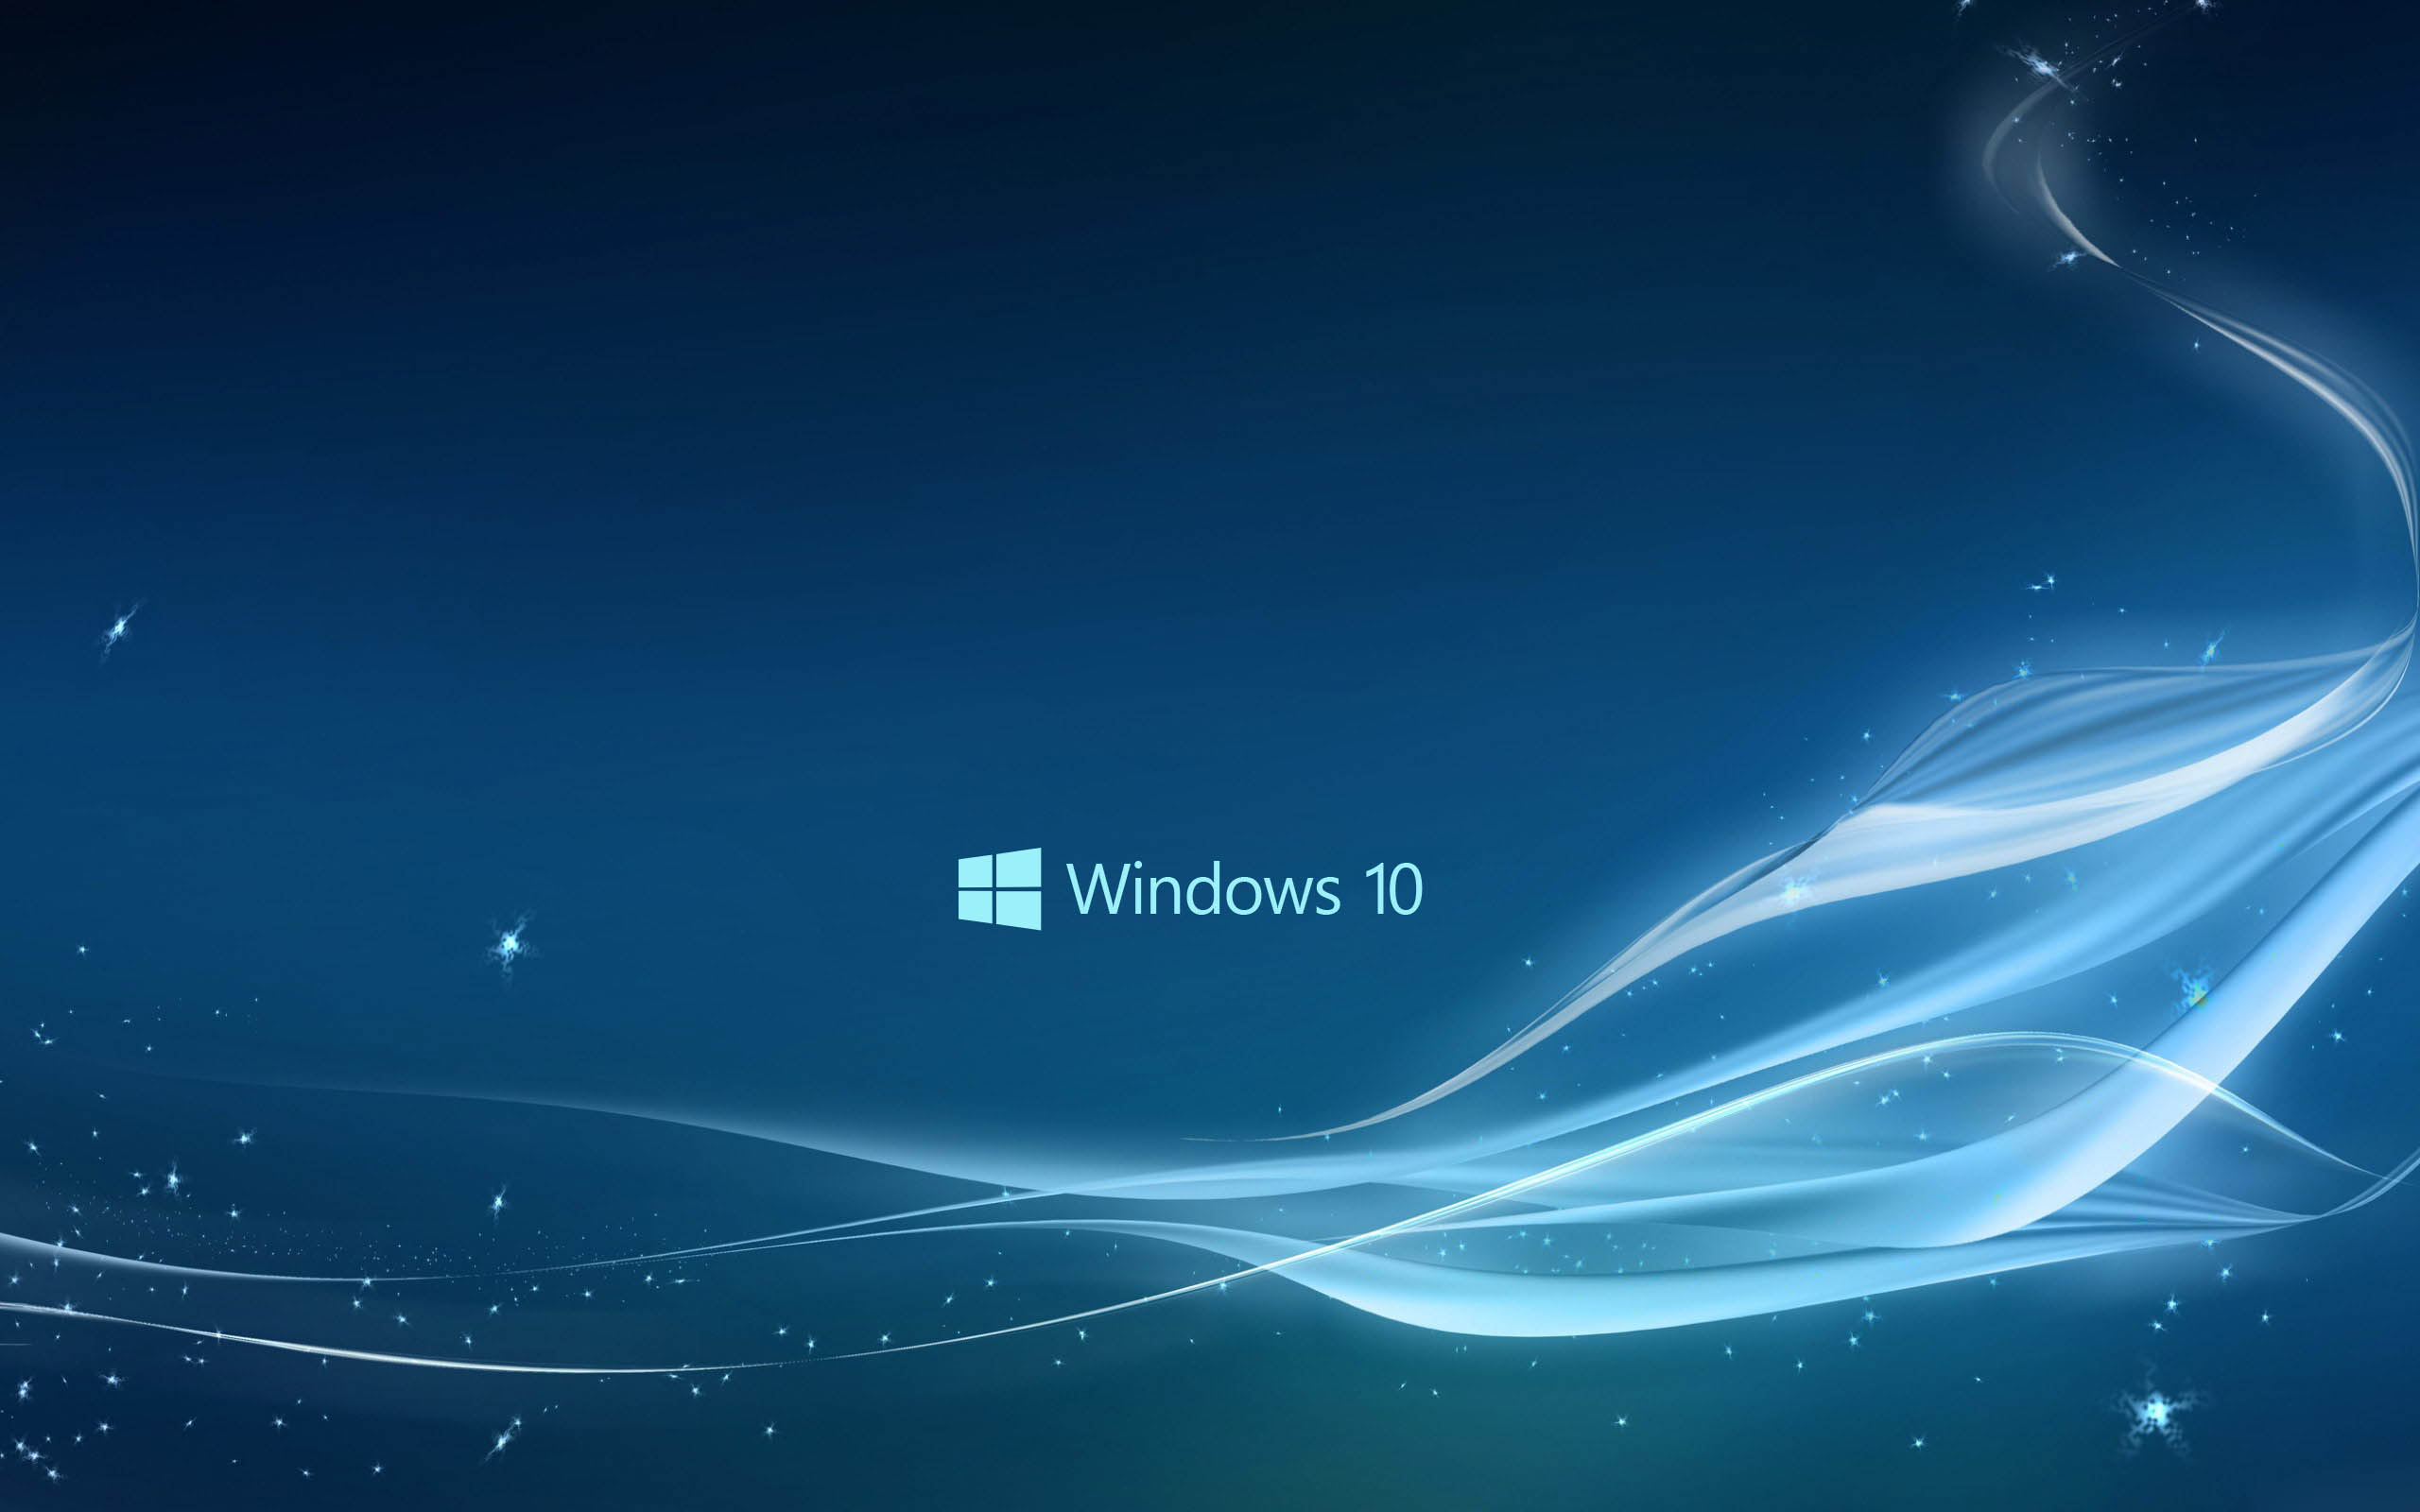 New Blue Windows 10 Wallpaper HD 12437 Wallpaper High Resolution 2560x1600